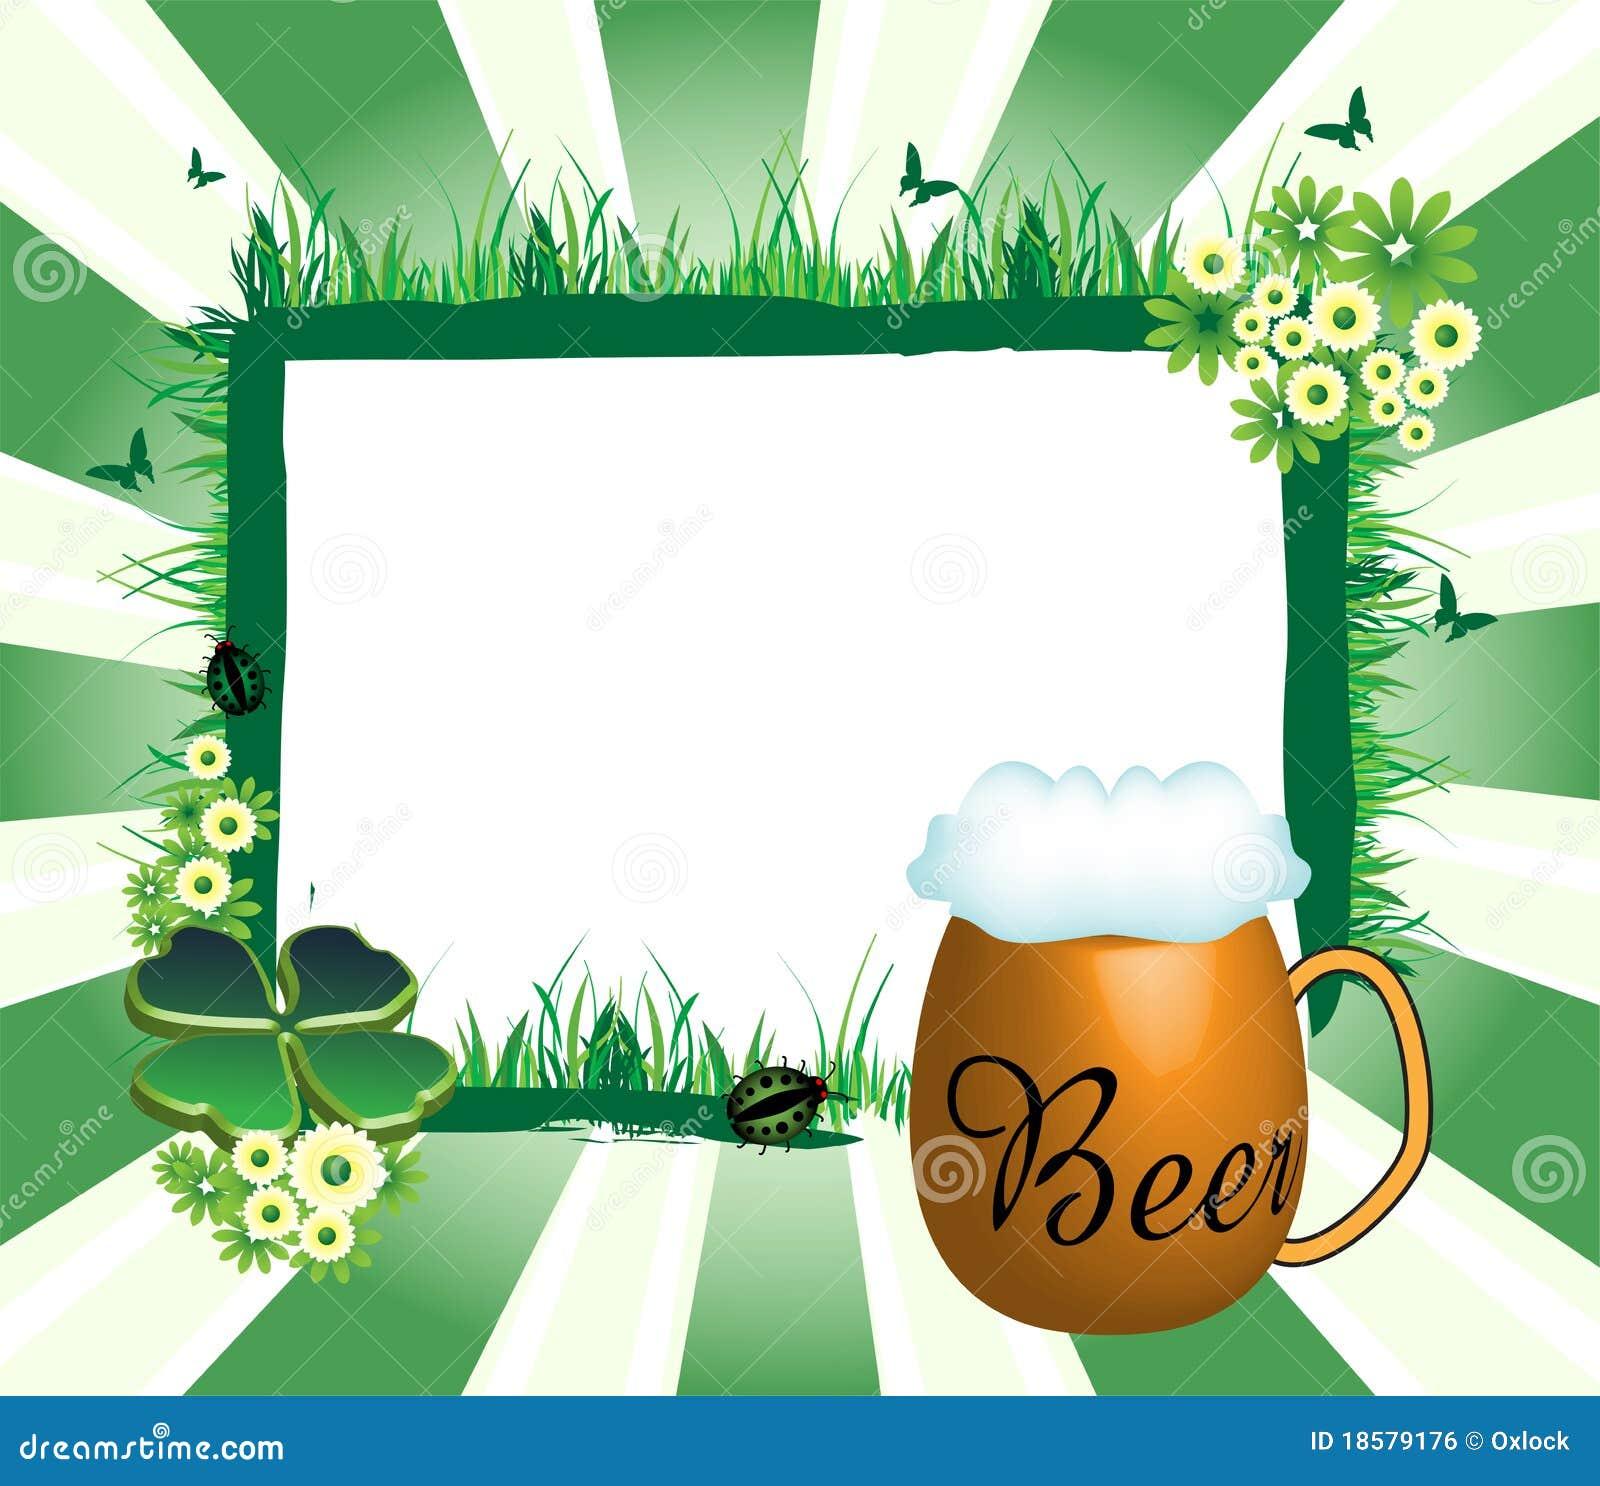 Vistoso Marcos De Cerveza Ideas - Ideas Personalizadas de Marco de ...